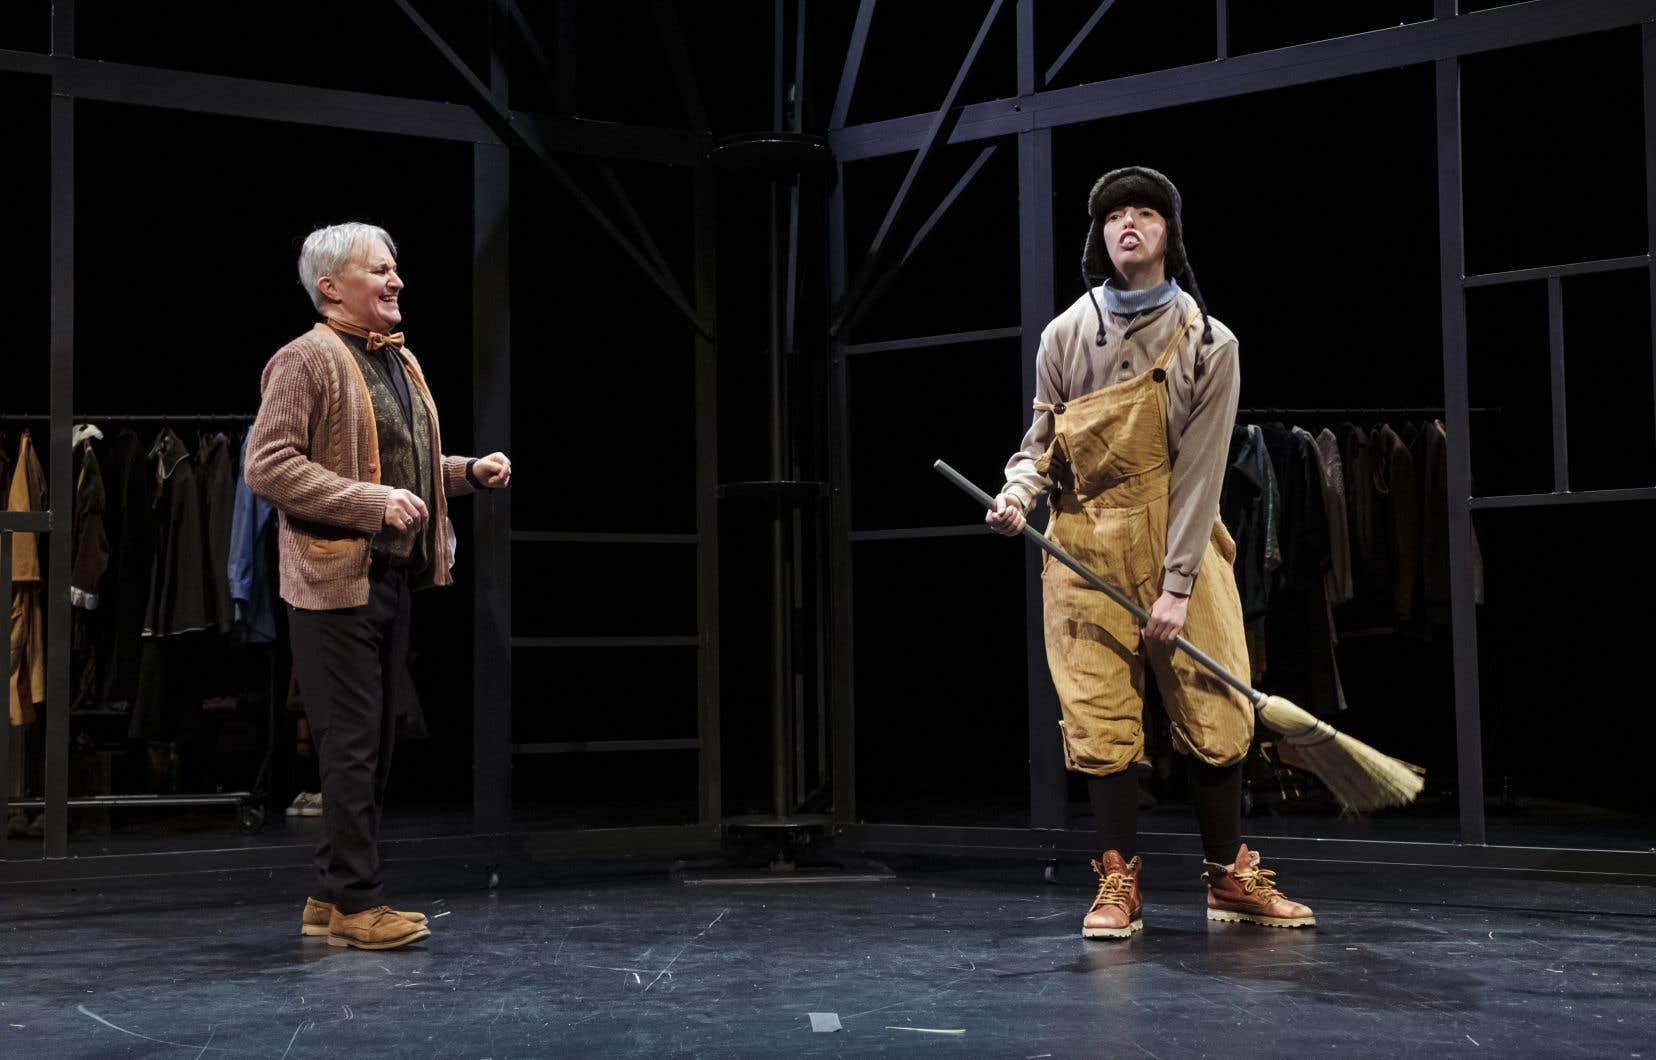 Les comédiens s'échangent avec force vive et énergie les rigoureuses répliques en alexandrins tout en interprétant plusieurs rôles.